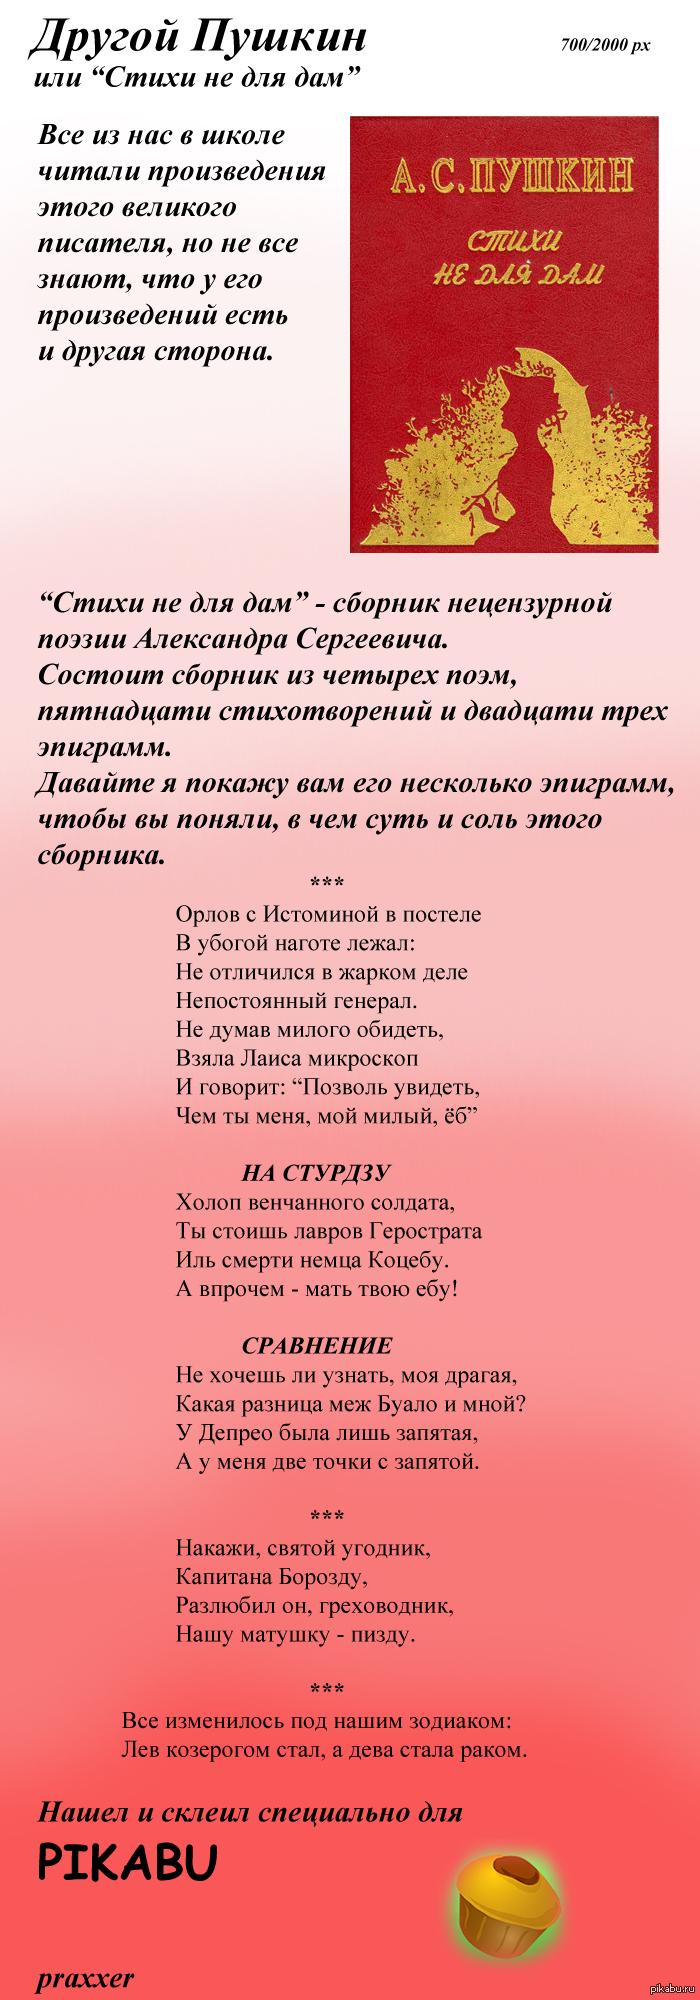 Пушкин о сексе 7 фотография